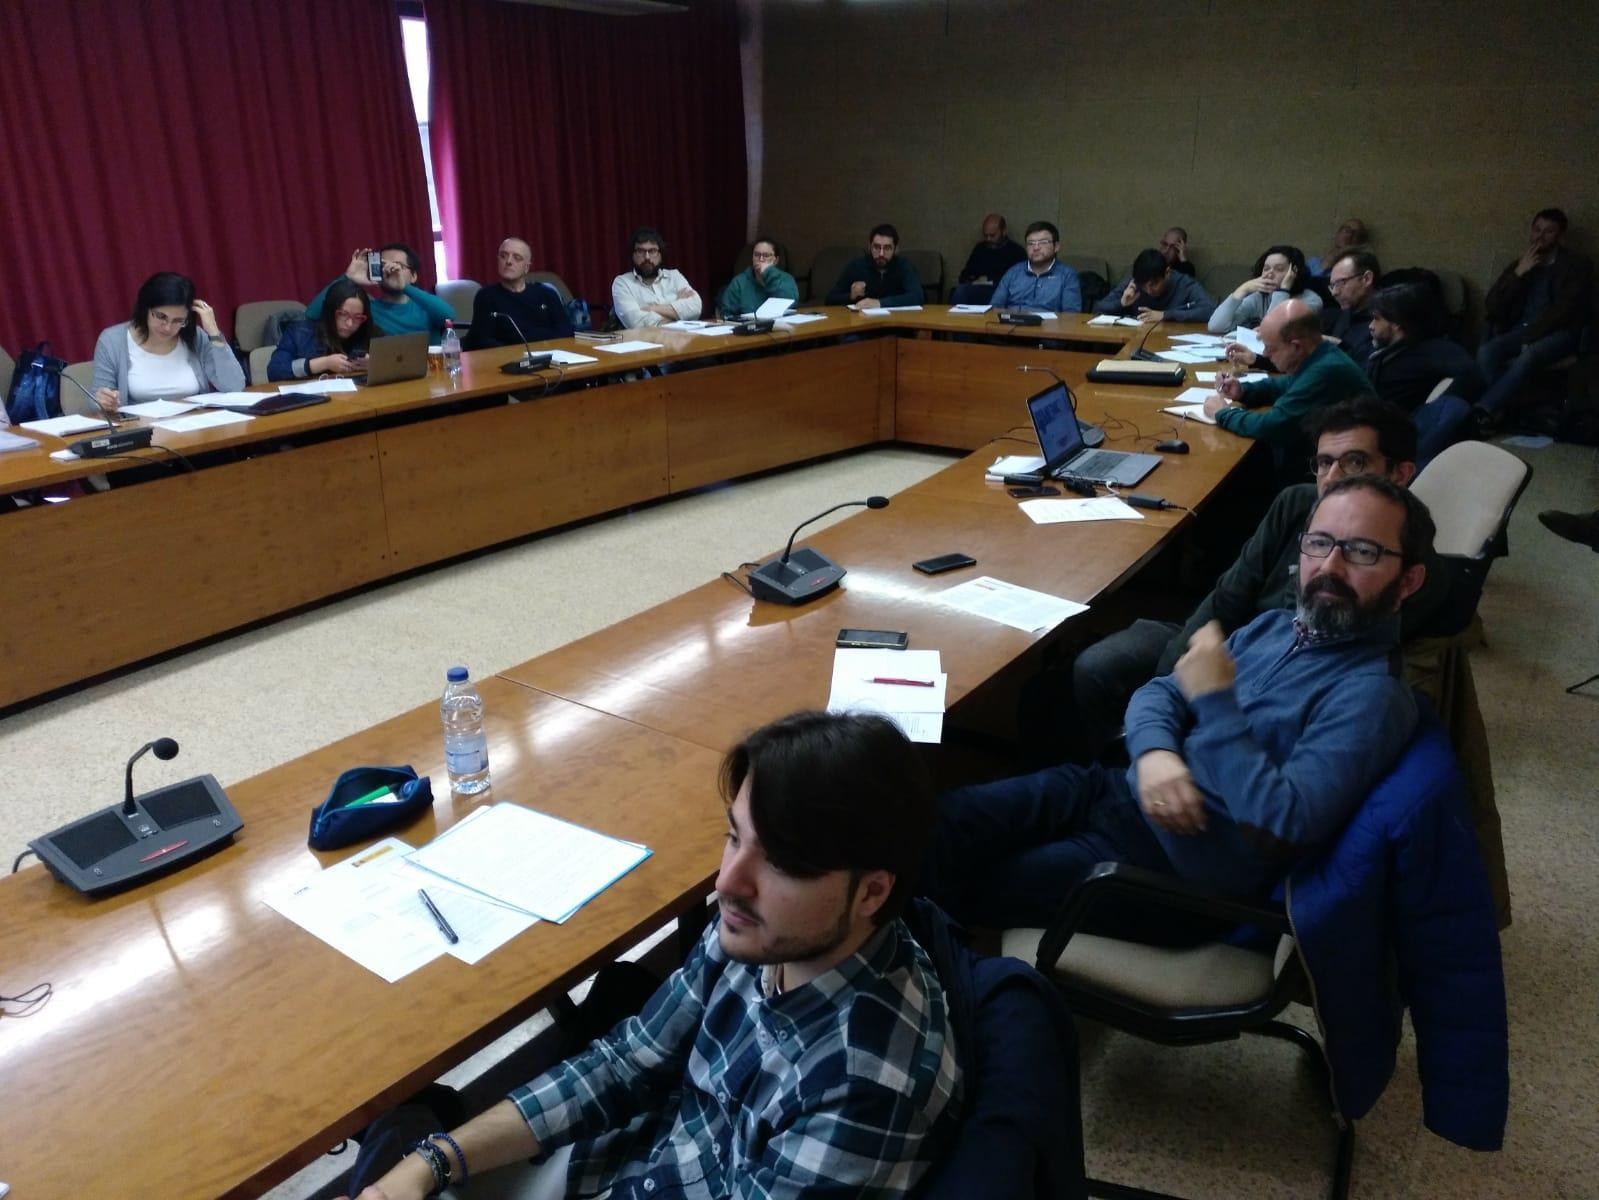 Assistents a la Sala de Juntes de la Facultat de Filosofia i Lletres de la UAB